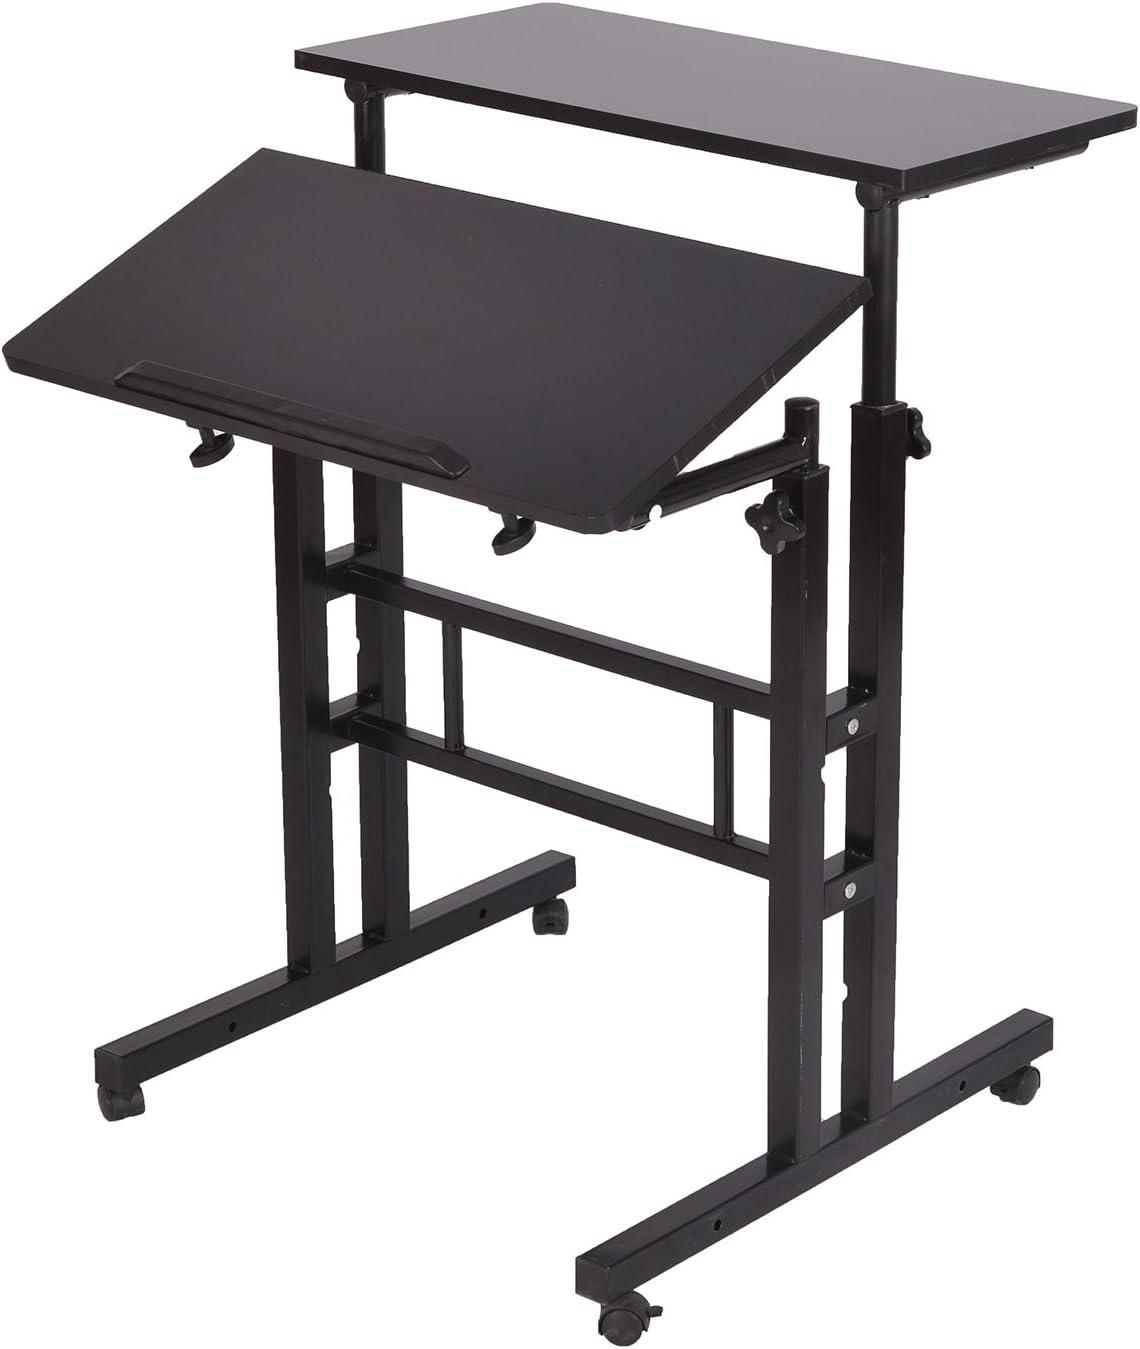 Mind Reader Multipurpose Home Office Computer Desk, Sit and Stand Desk, Workstation Desk, Black